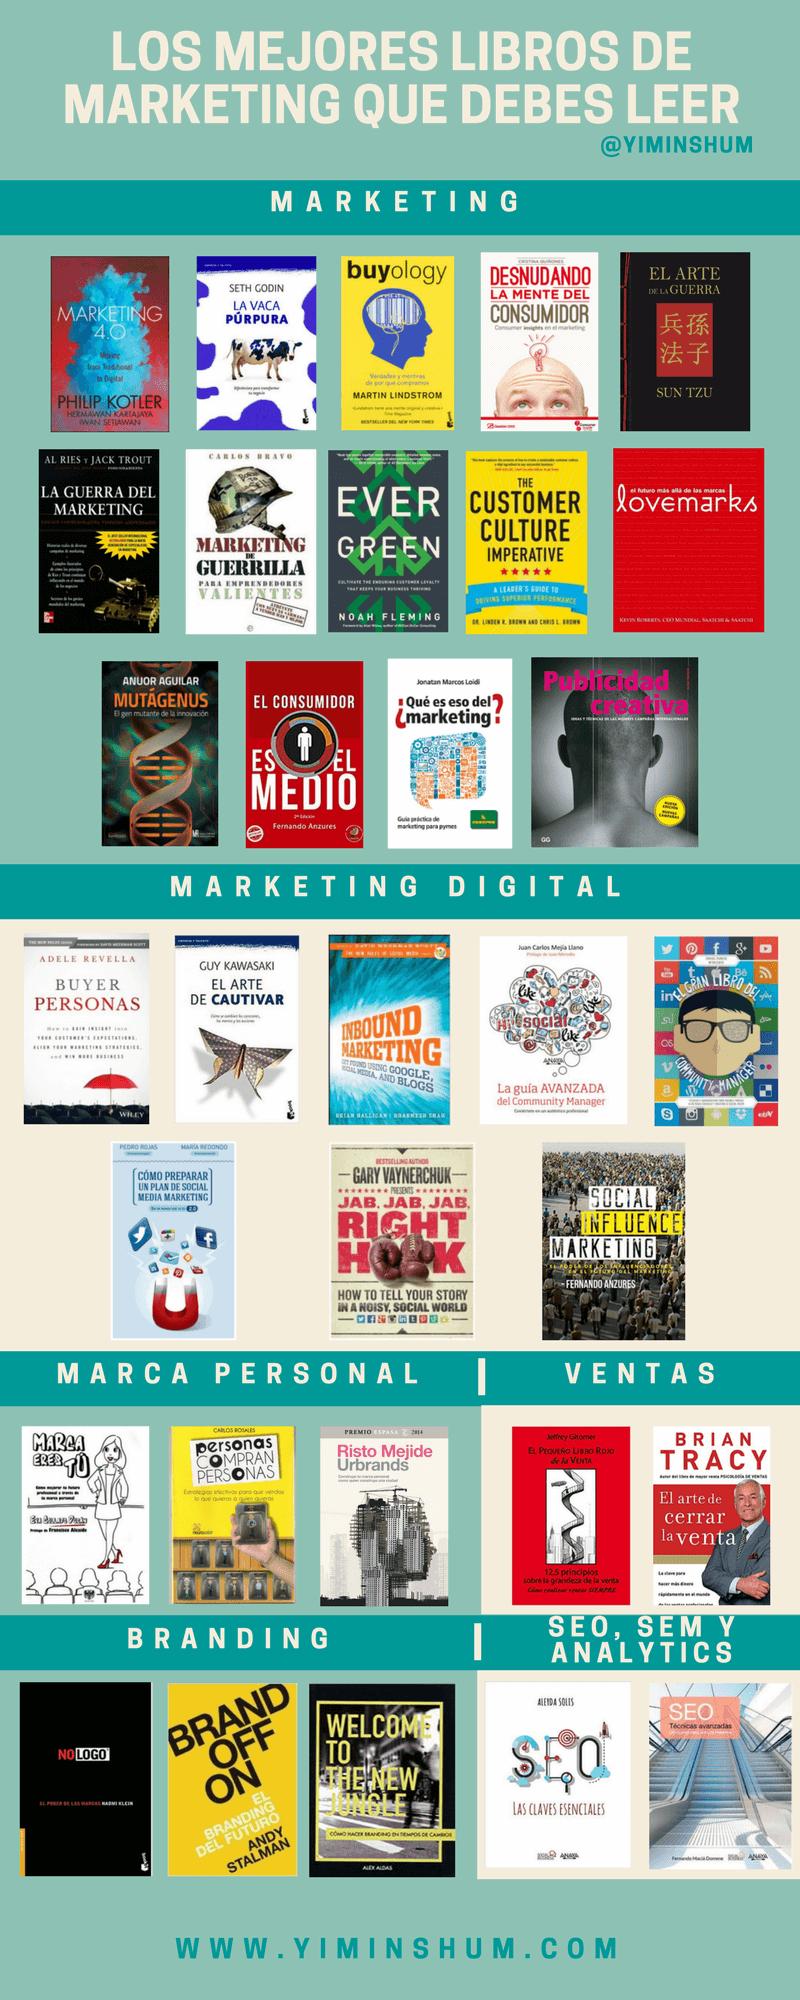 Los mejores libros de marketing que debes leer infografía